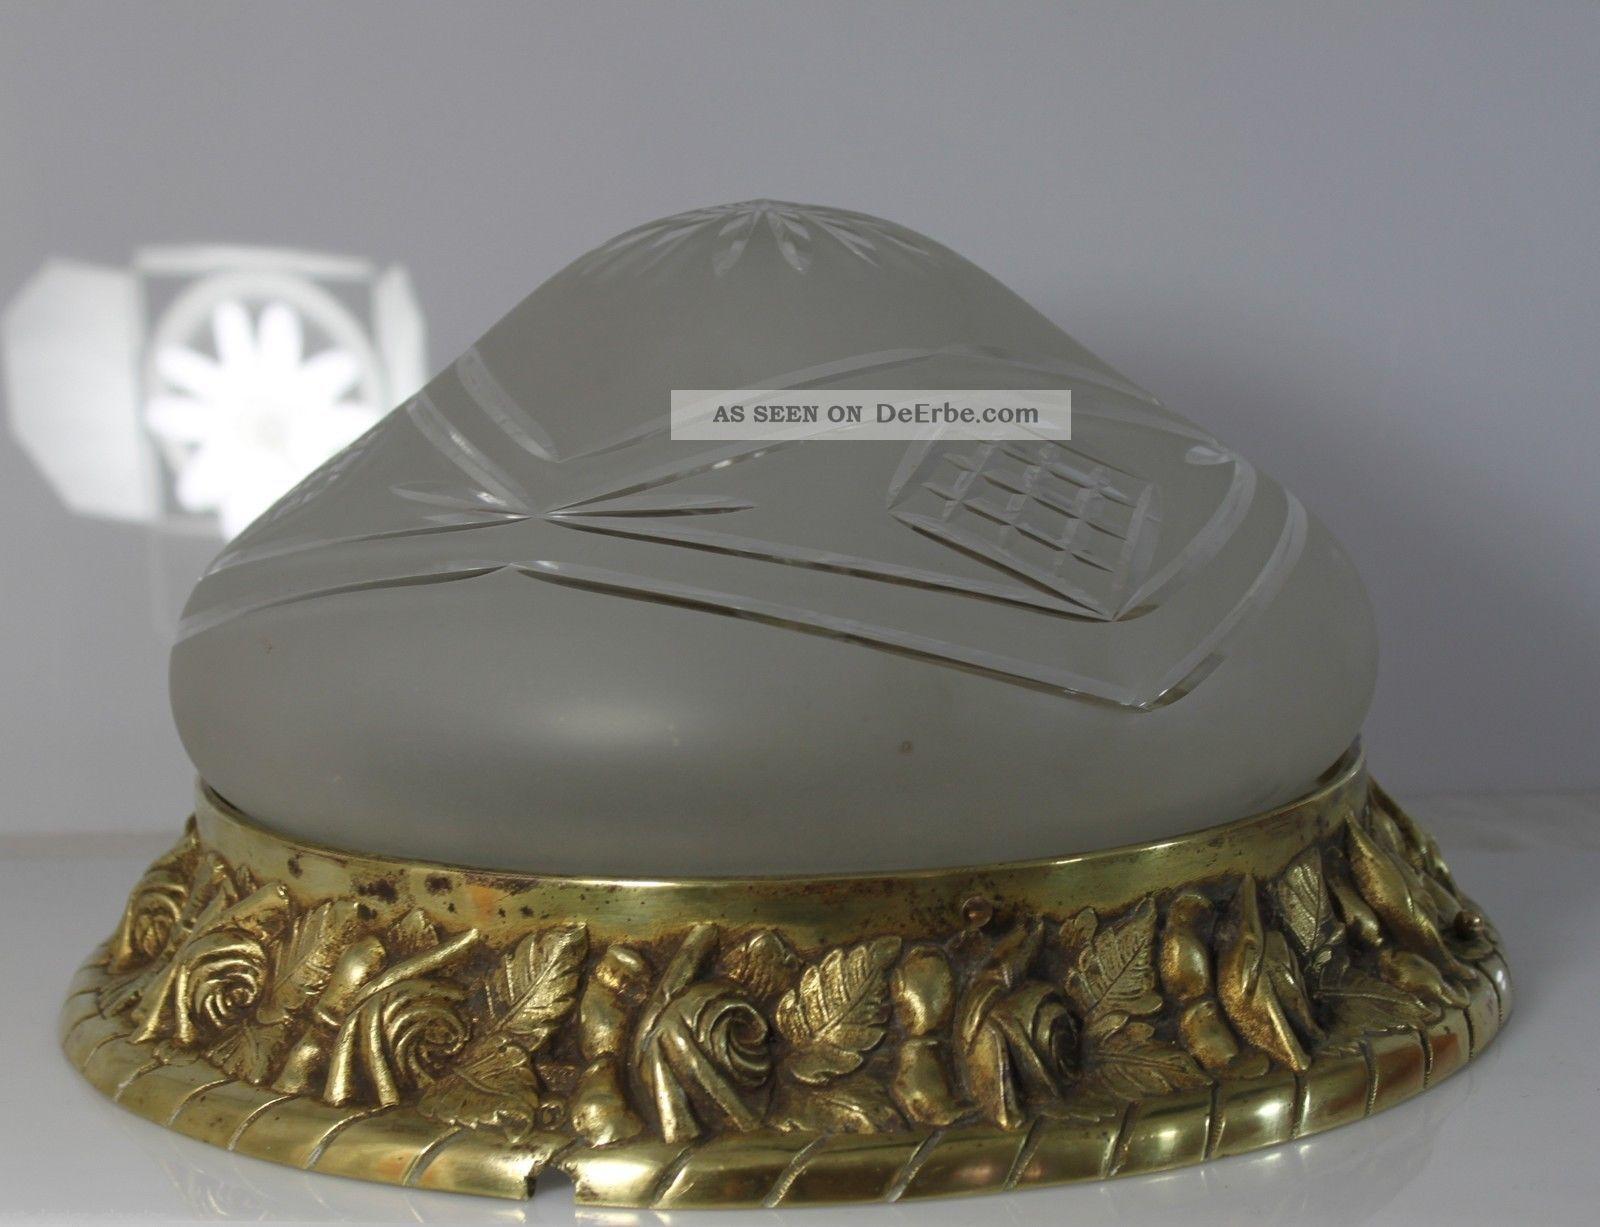 Deckenlampe Jugendstil Plafoniere : Große jugendstil lampe deckenlampe plafoniere